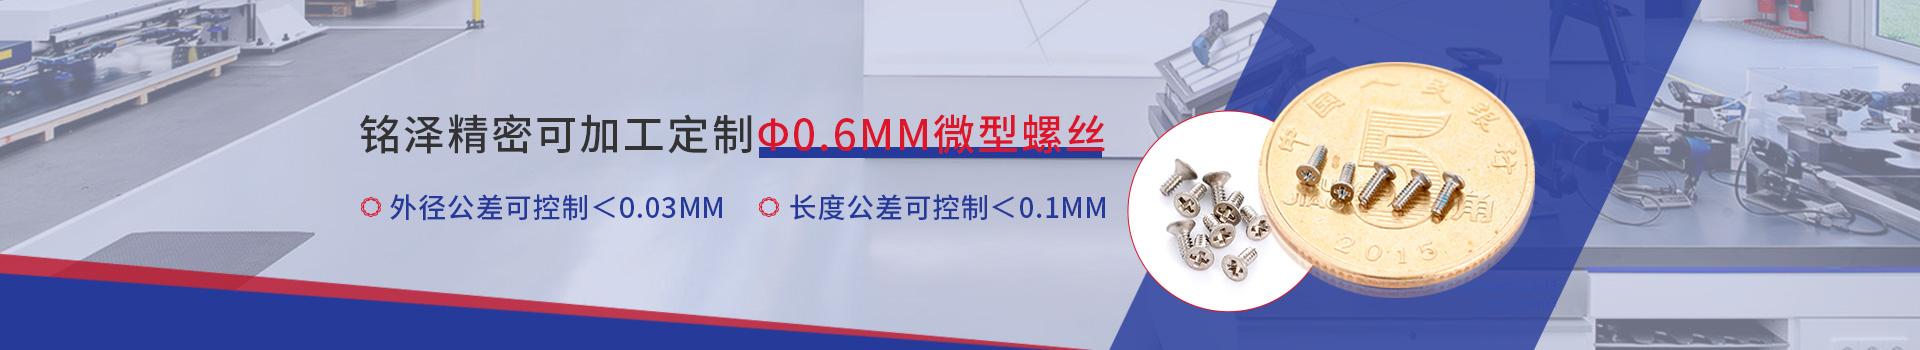 微型螺丝      铭泽精密可加工定制M0.6型螺丝      外径公差控制<0.03mm  长度公差控制<0.1mm